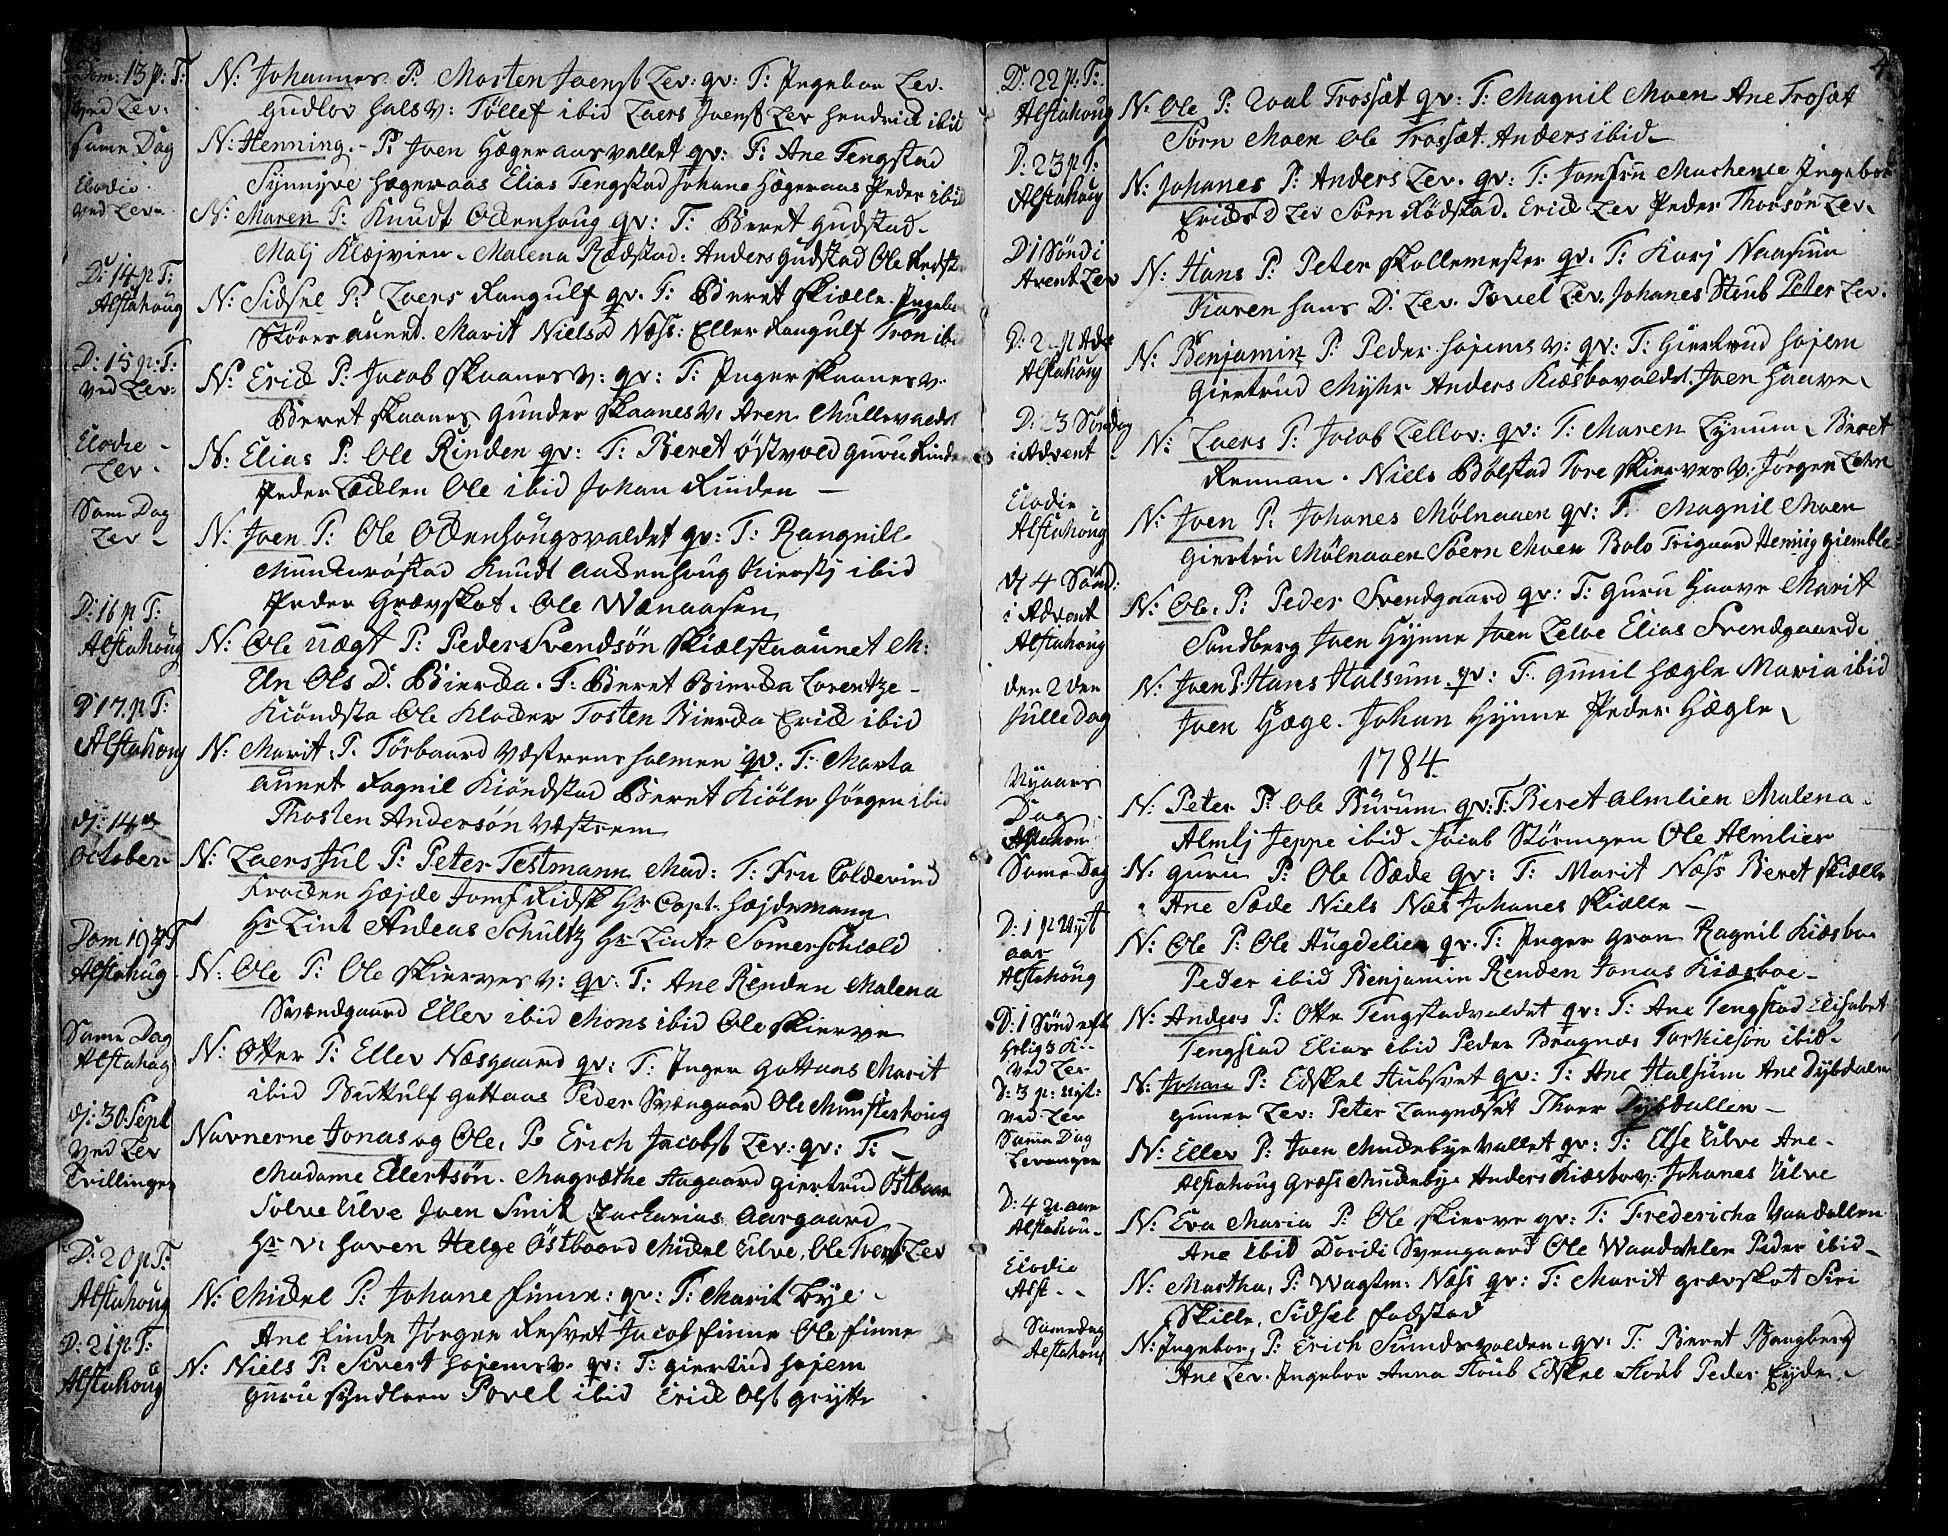 SAT, Ministerialprotokoller, klokkerbøker og fødselsregistre - Nord-Trøndelag, 717/L0142: Ministerialbok nr. 717A02 /1, 1783-1809, s. 4